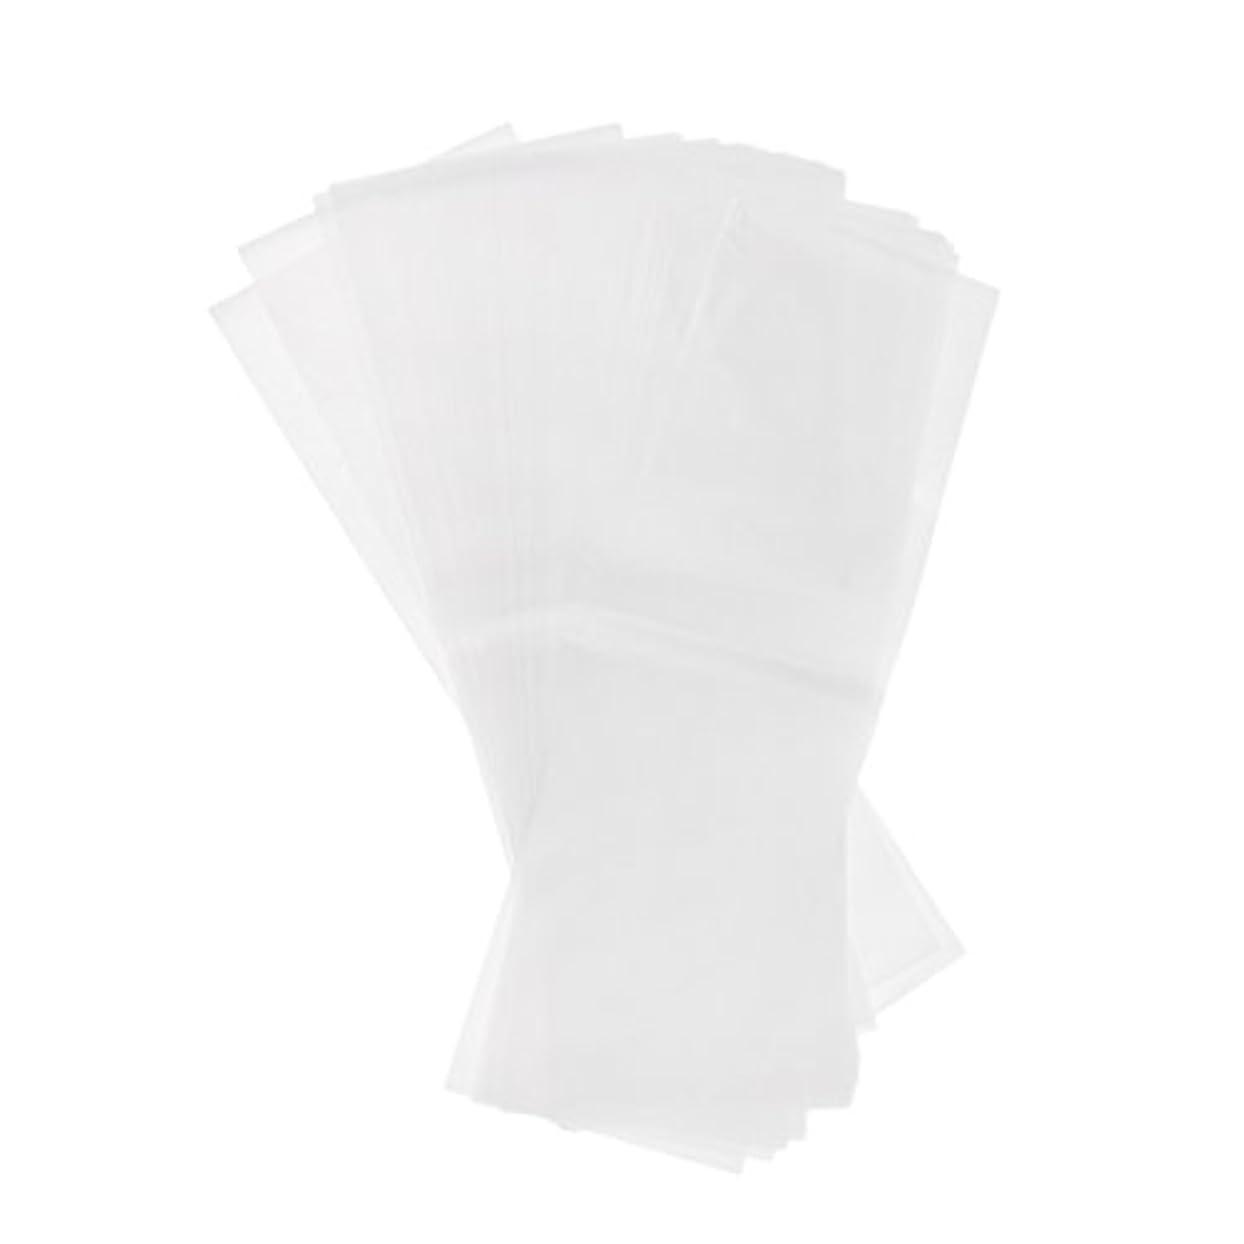 繰り返し困った電化する約100個 毛染め サロン プラスチック 染毛紙 色のハイライト 分離シート 再利用可能